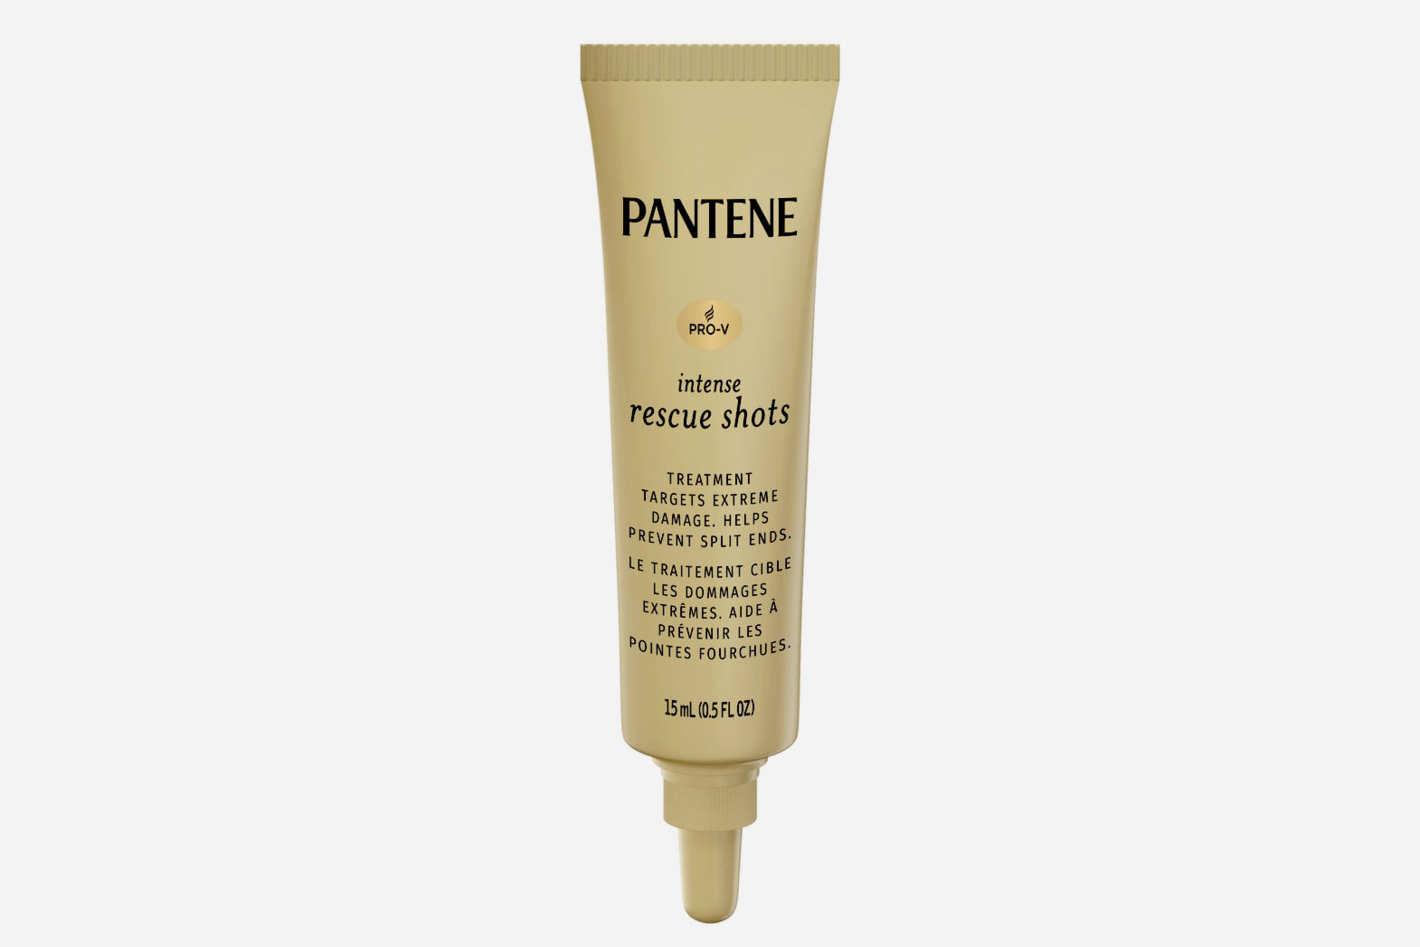 Para luchar contra el maltrato diario al que se enfrenta el cabello, Pantene Pro-V presenta Intense Rescue Shots, un producto que repara la hebra con una sola dosis. (Suministrada)